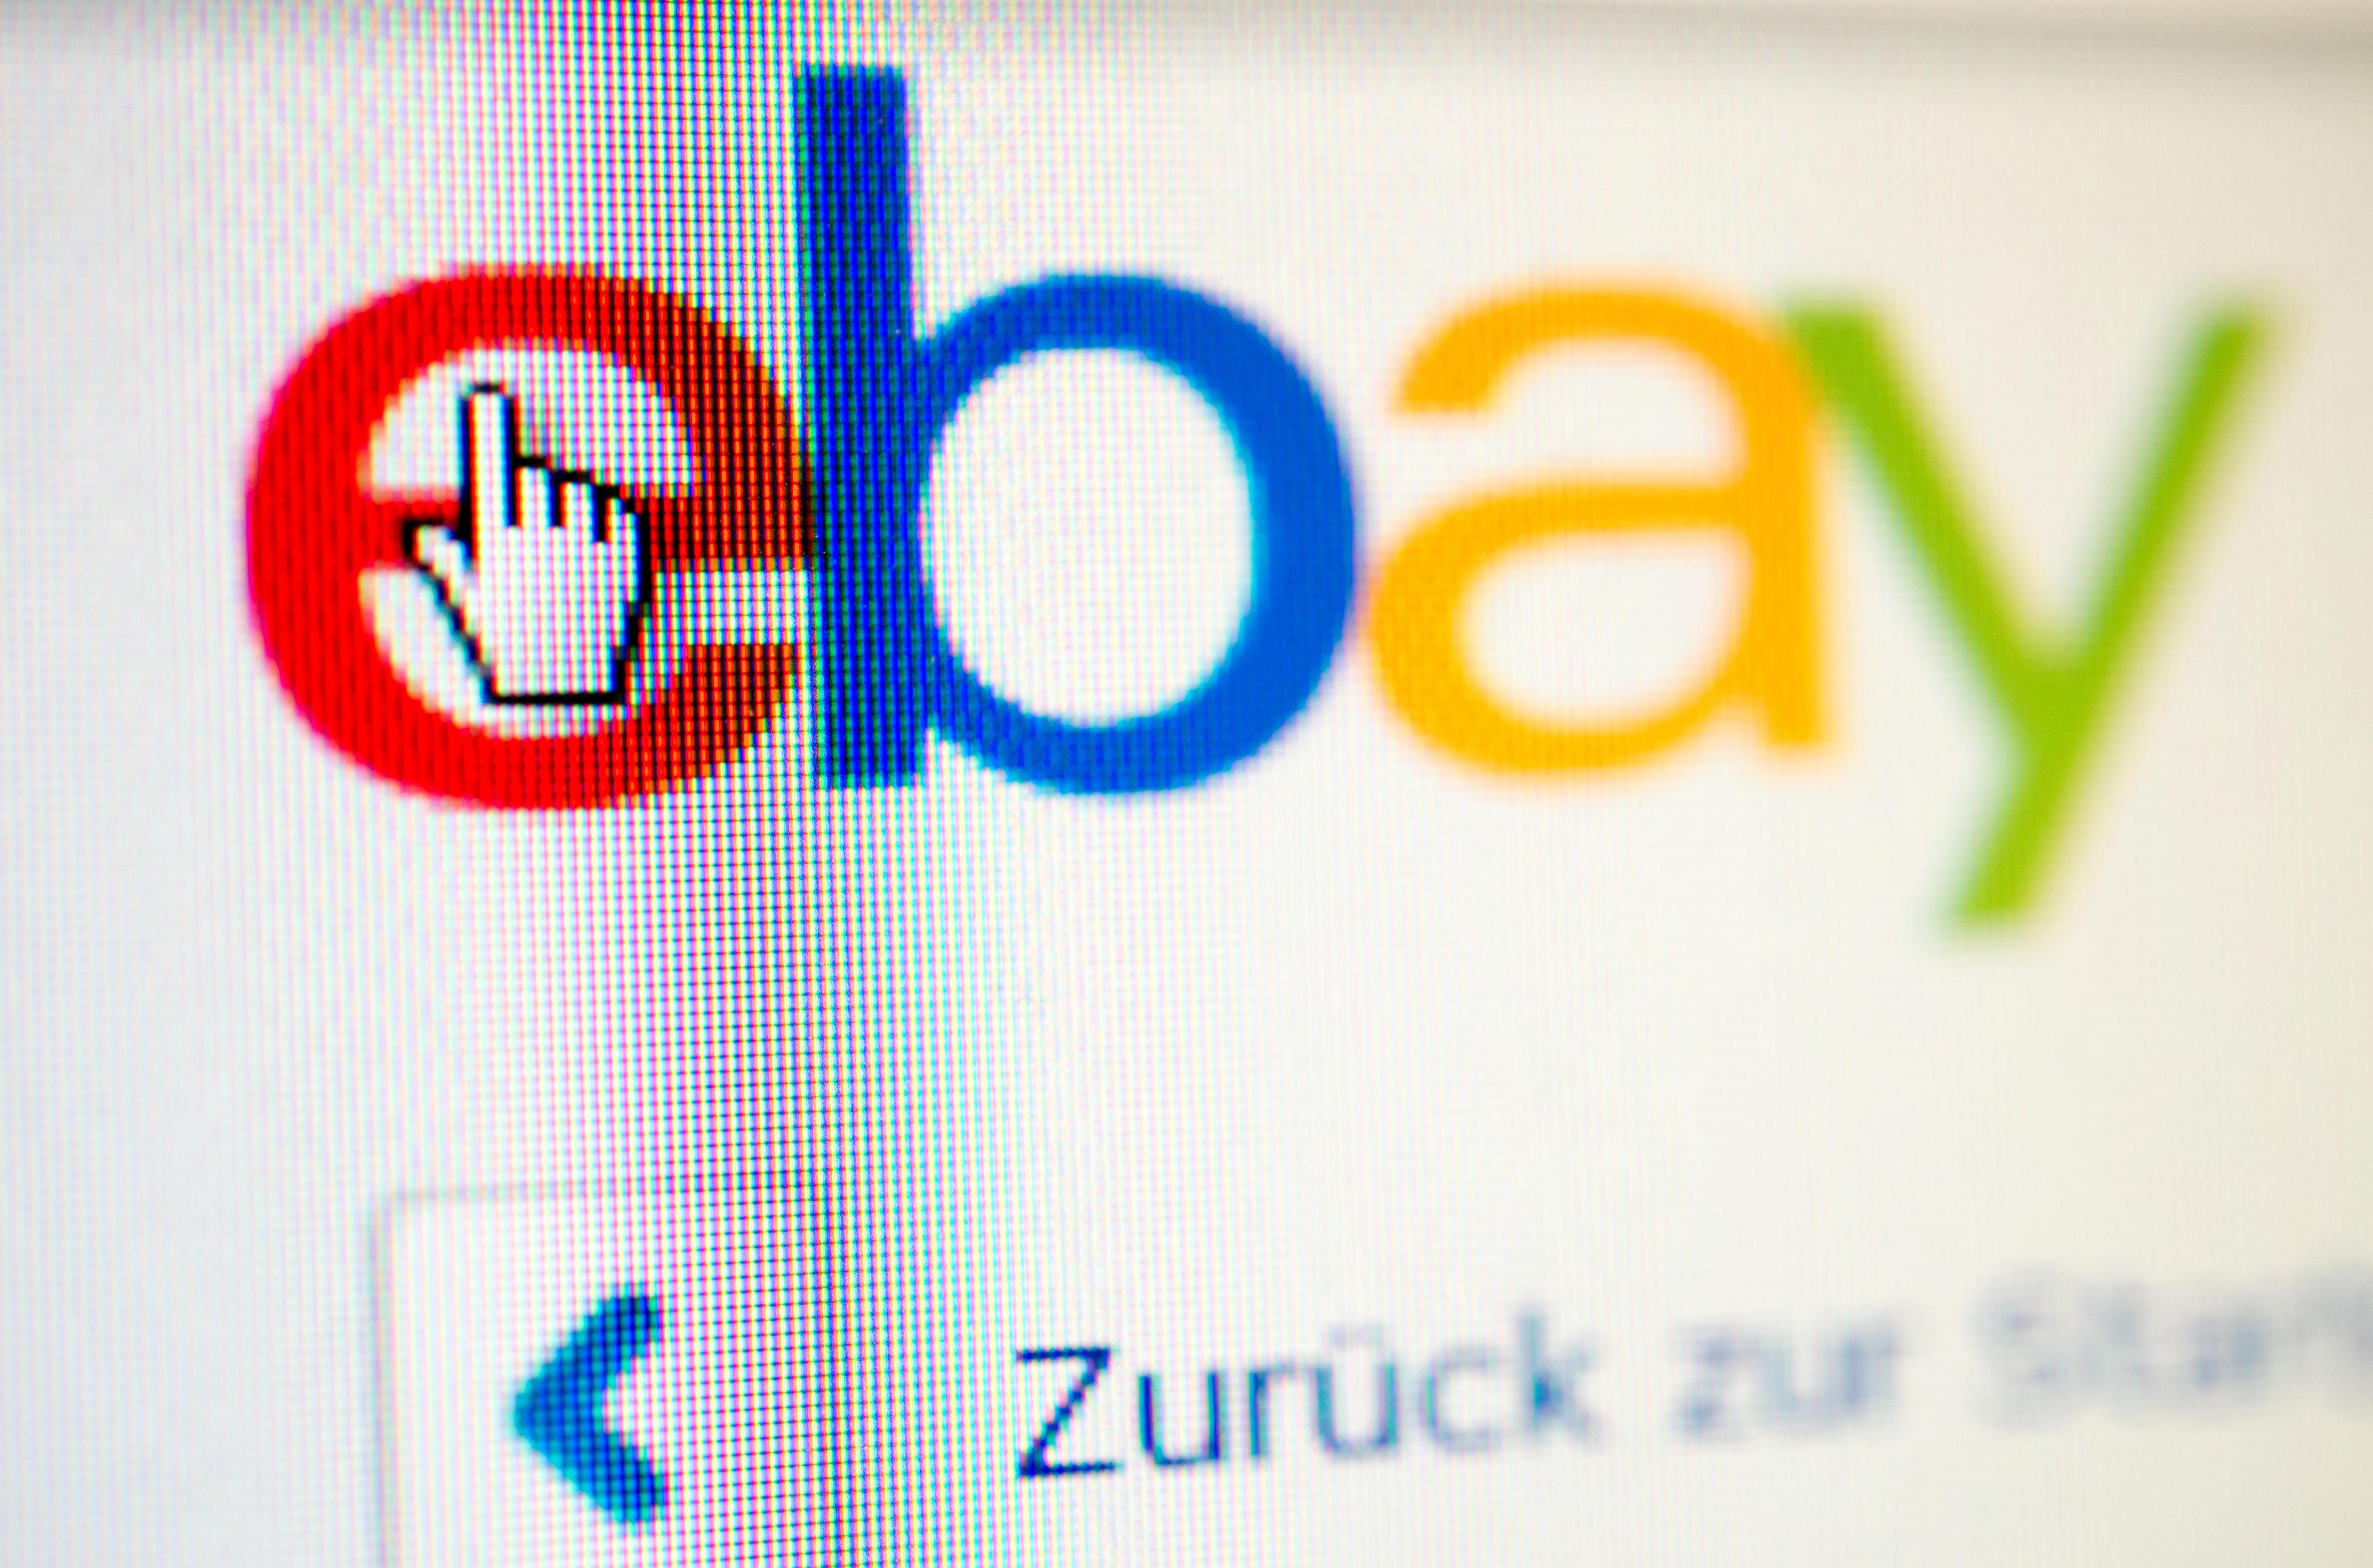 Shopping Im Netz: Was Kunden Über Widerruf, Rücksendung Und Co